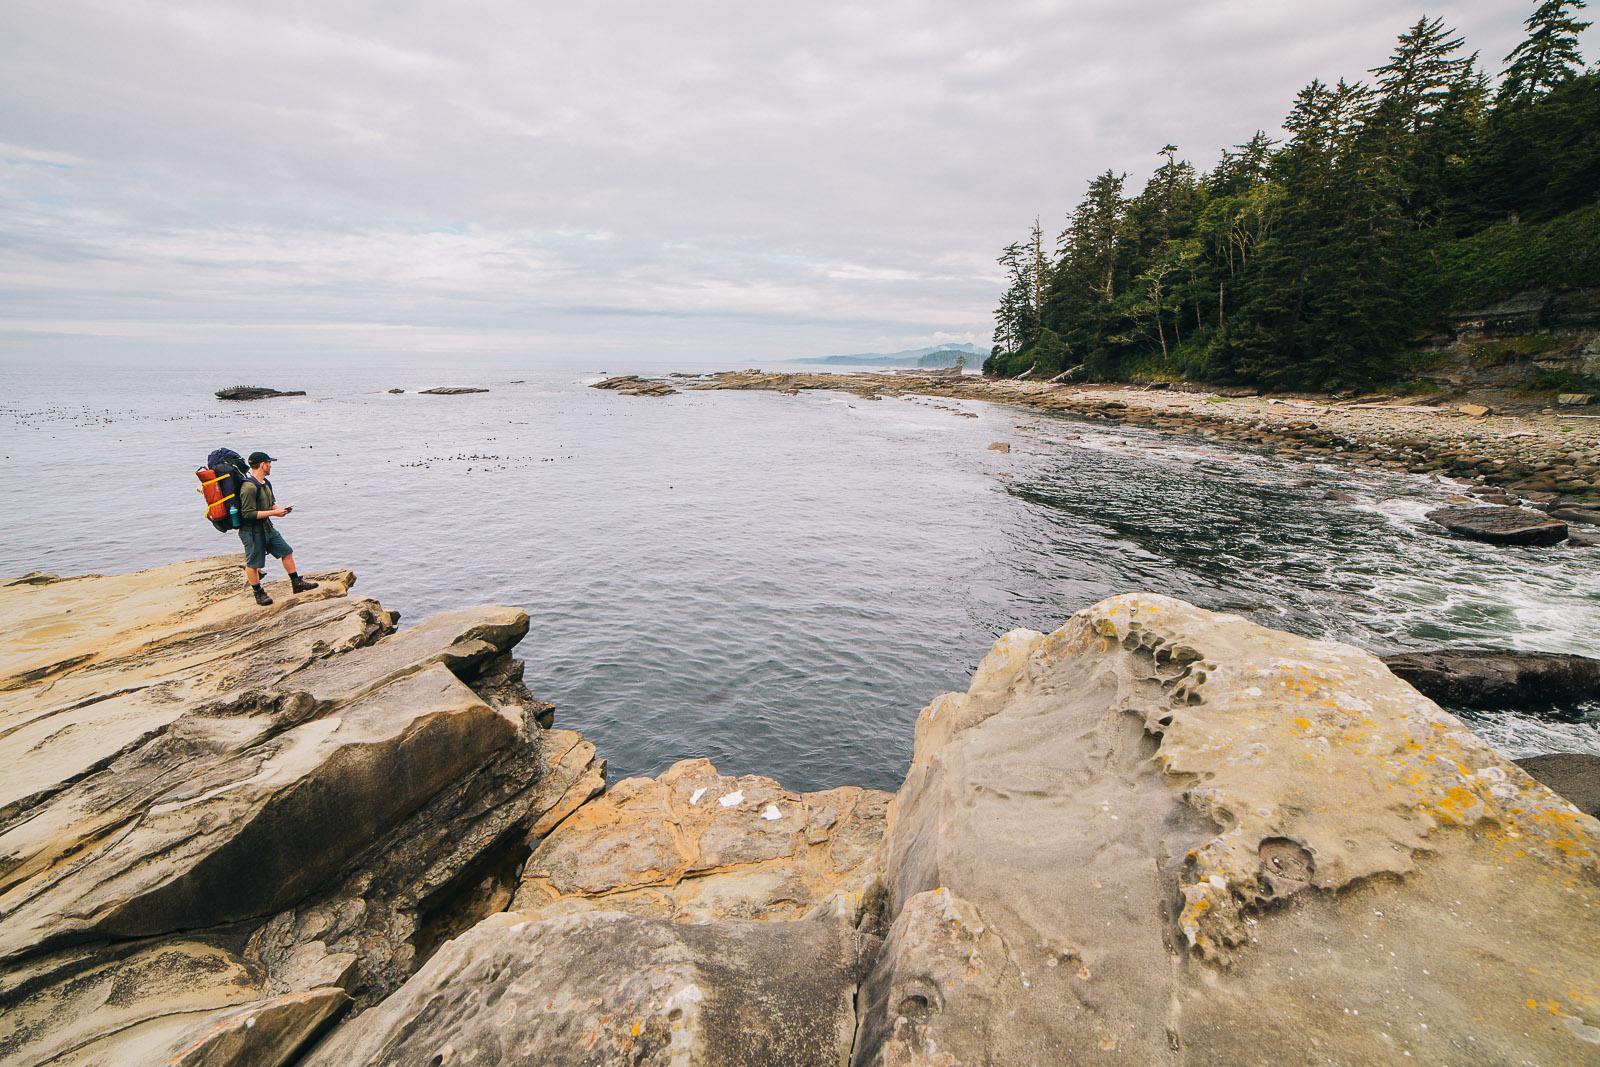 west coast trail rocky shore cliffs